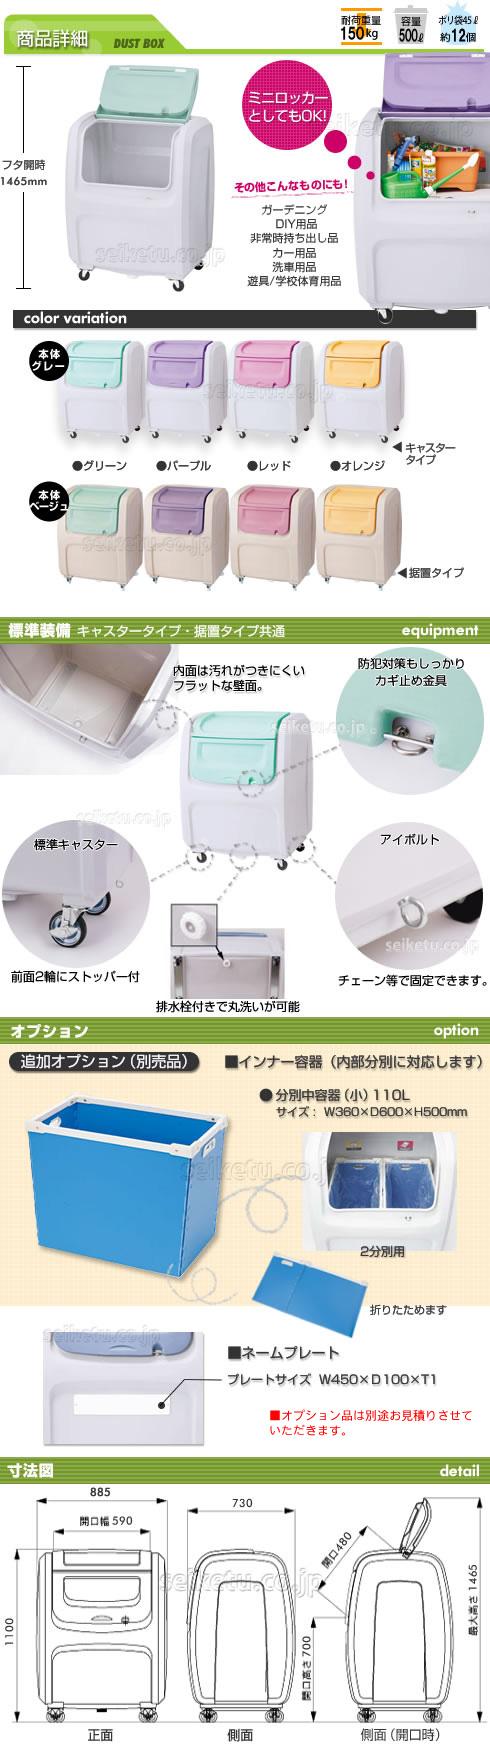 ダストボックスDX(#500) カラフルふたタイプ【受注生産品】